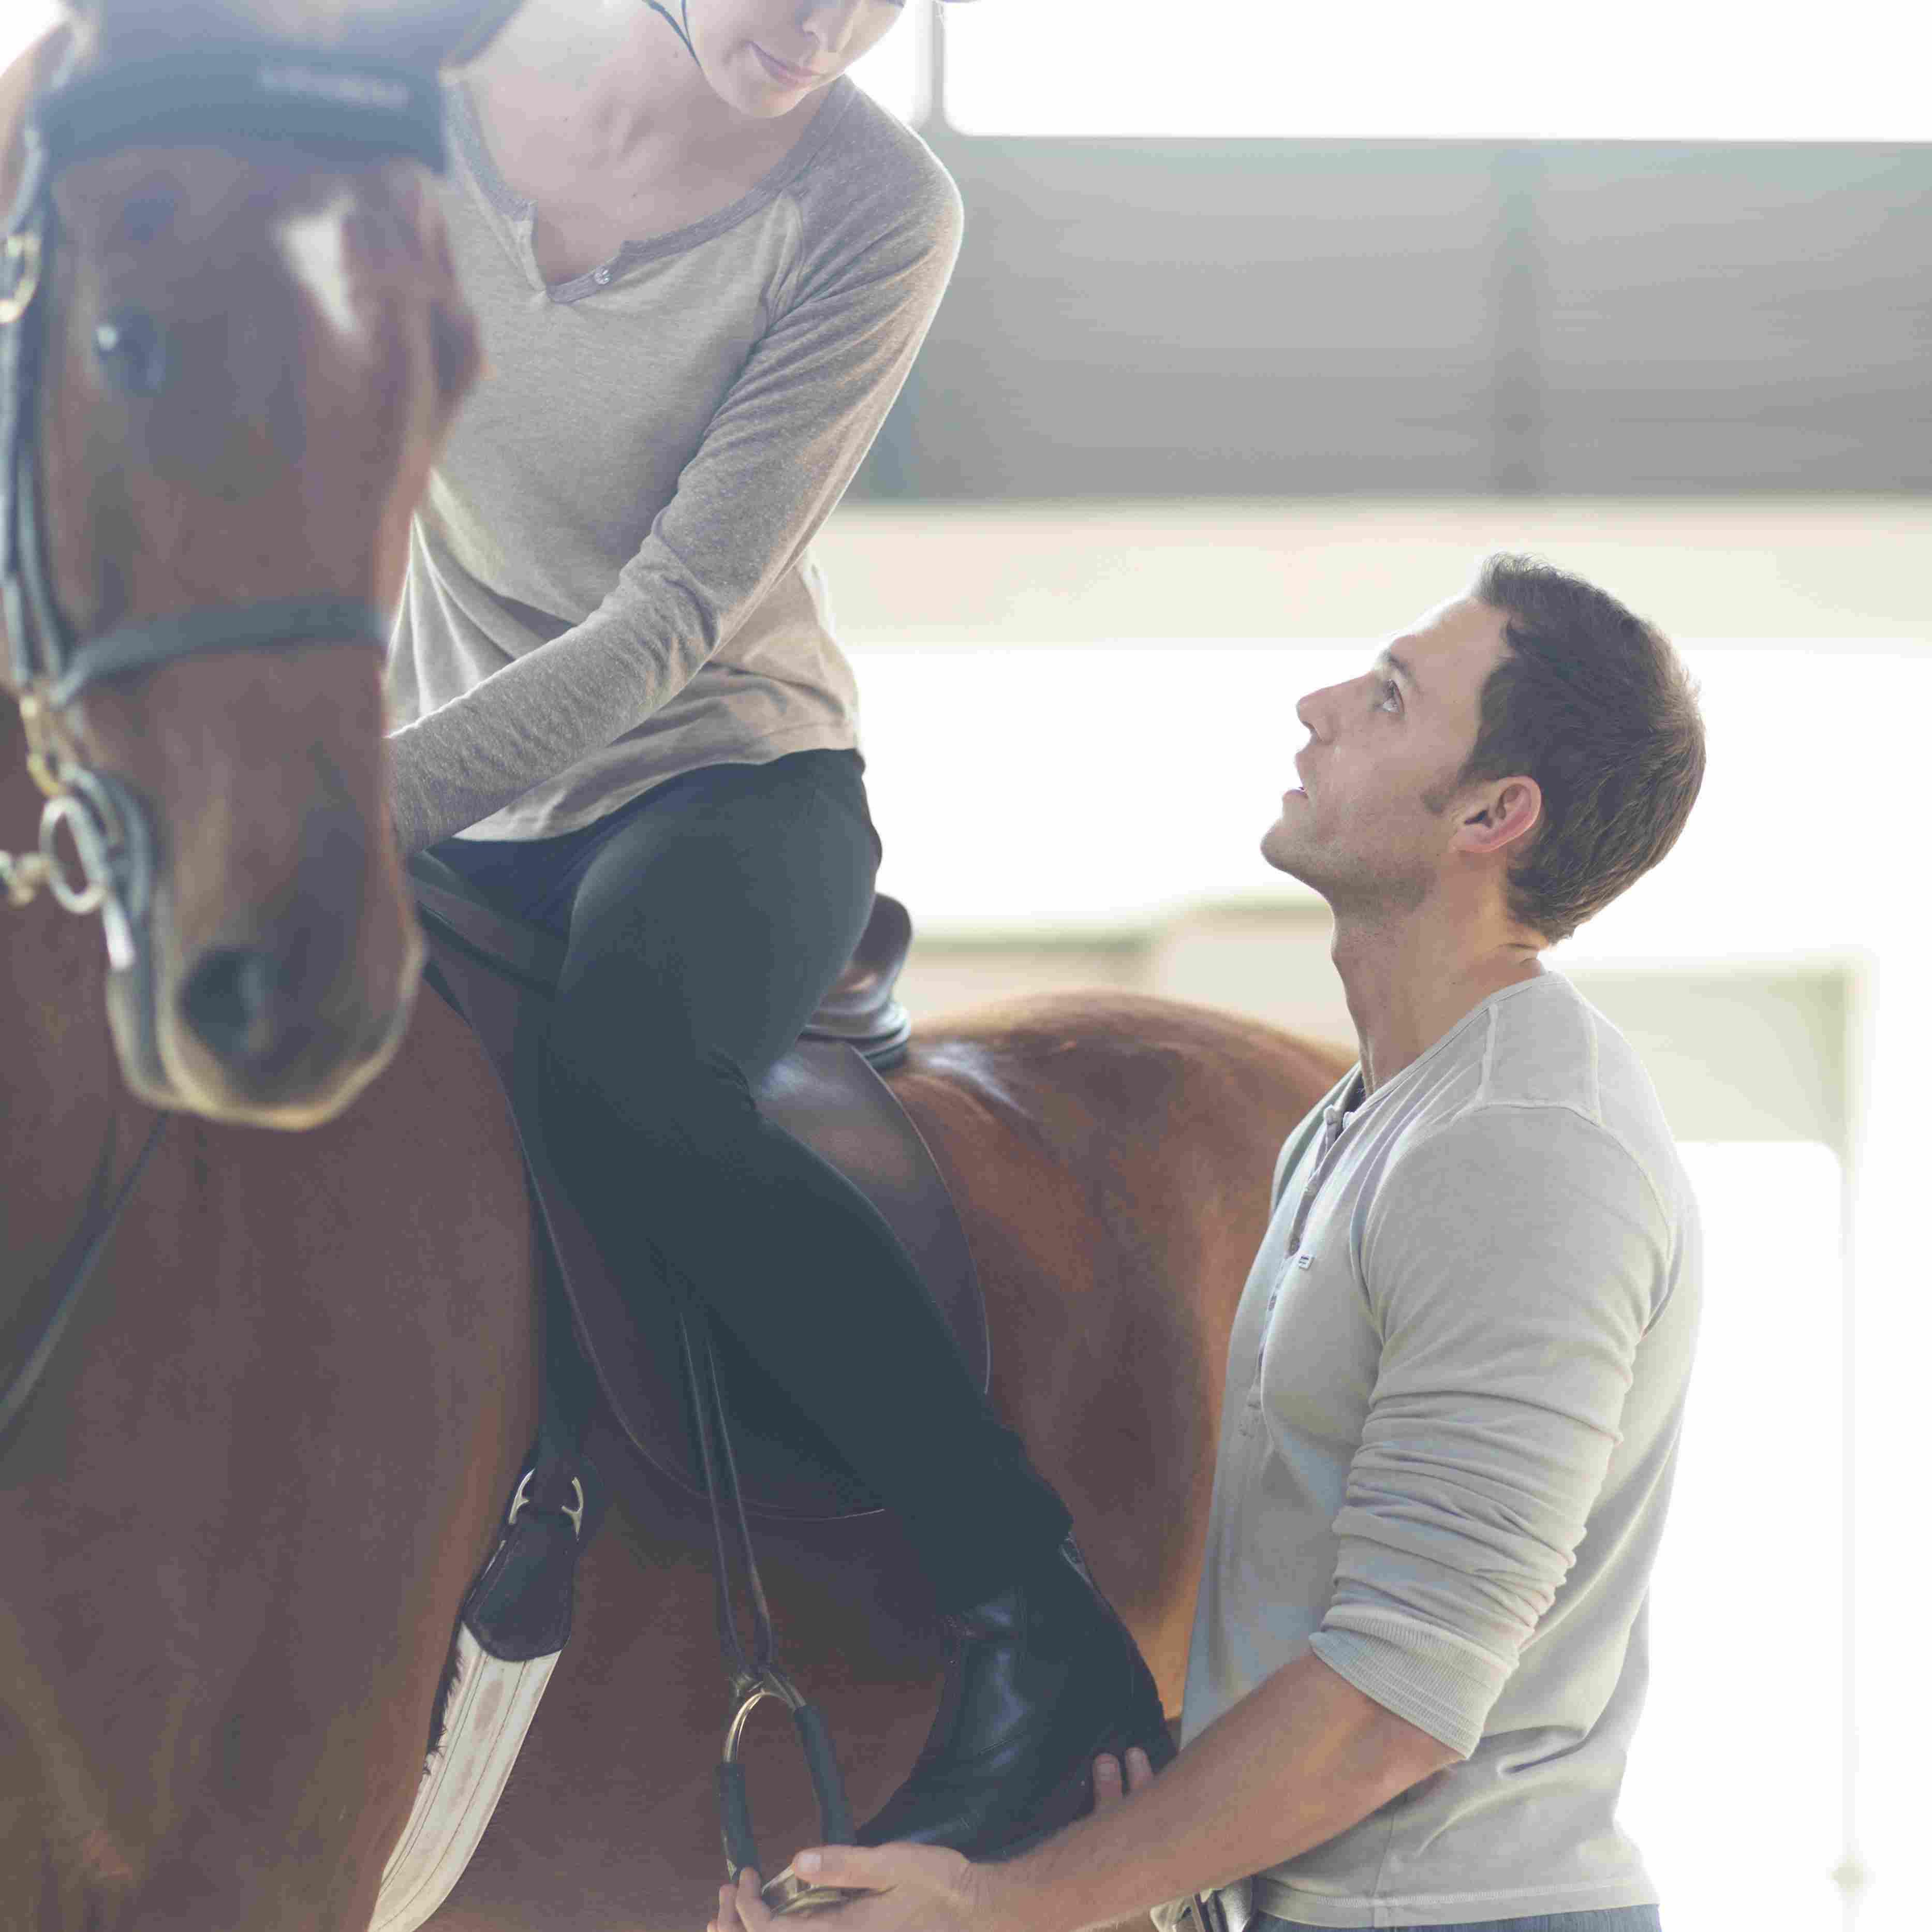 Caballo femenino jinete con instructor , Caballos en el campo contra árboles , Sección baja de mujer montando a caballo en el campo , Grupo de cuatro jinetes cruzando el río, mujer mirando a cámara , Montar a caballo en las montañas